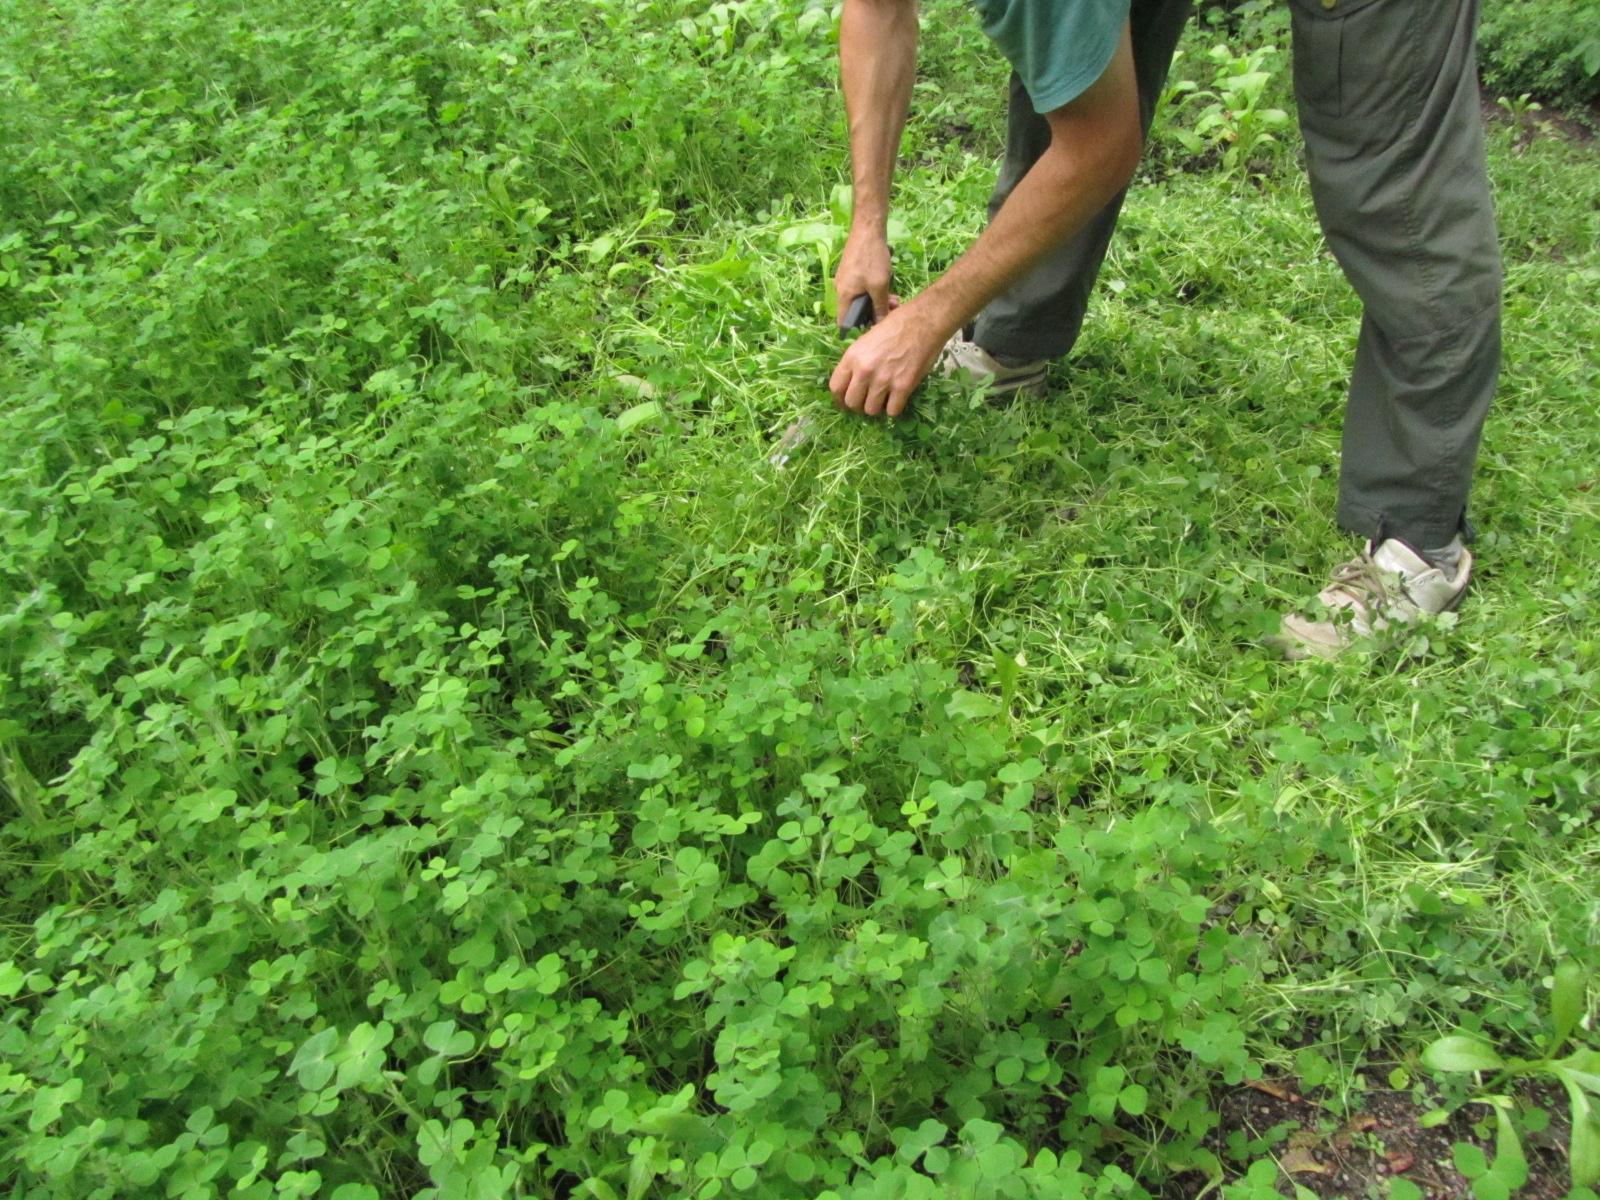 Viherlannoituskasvit